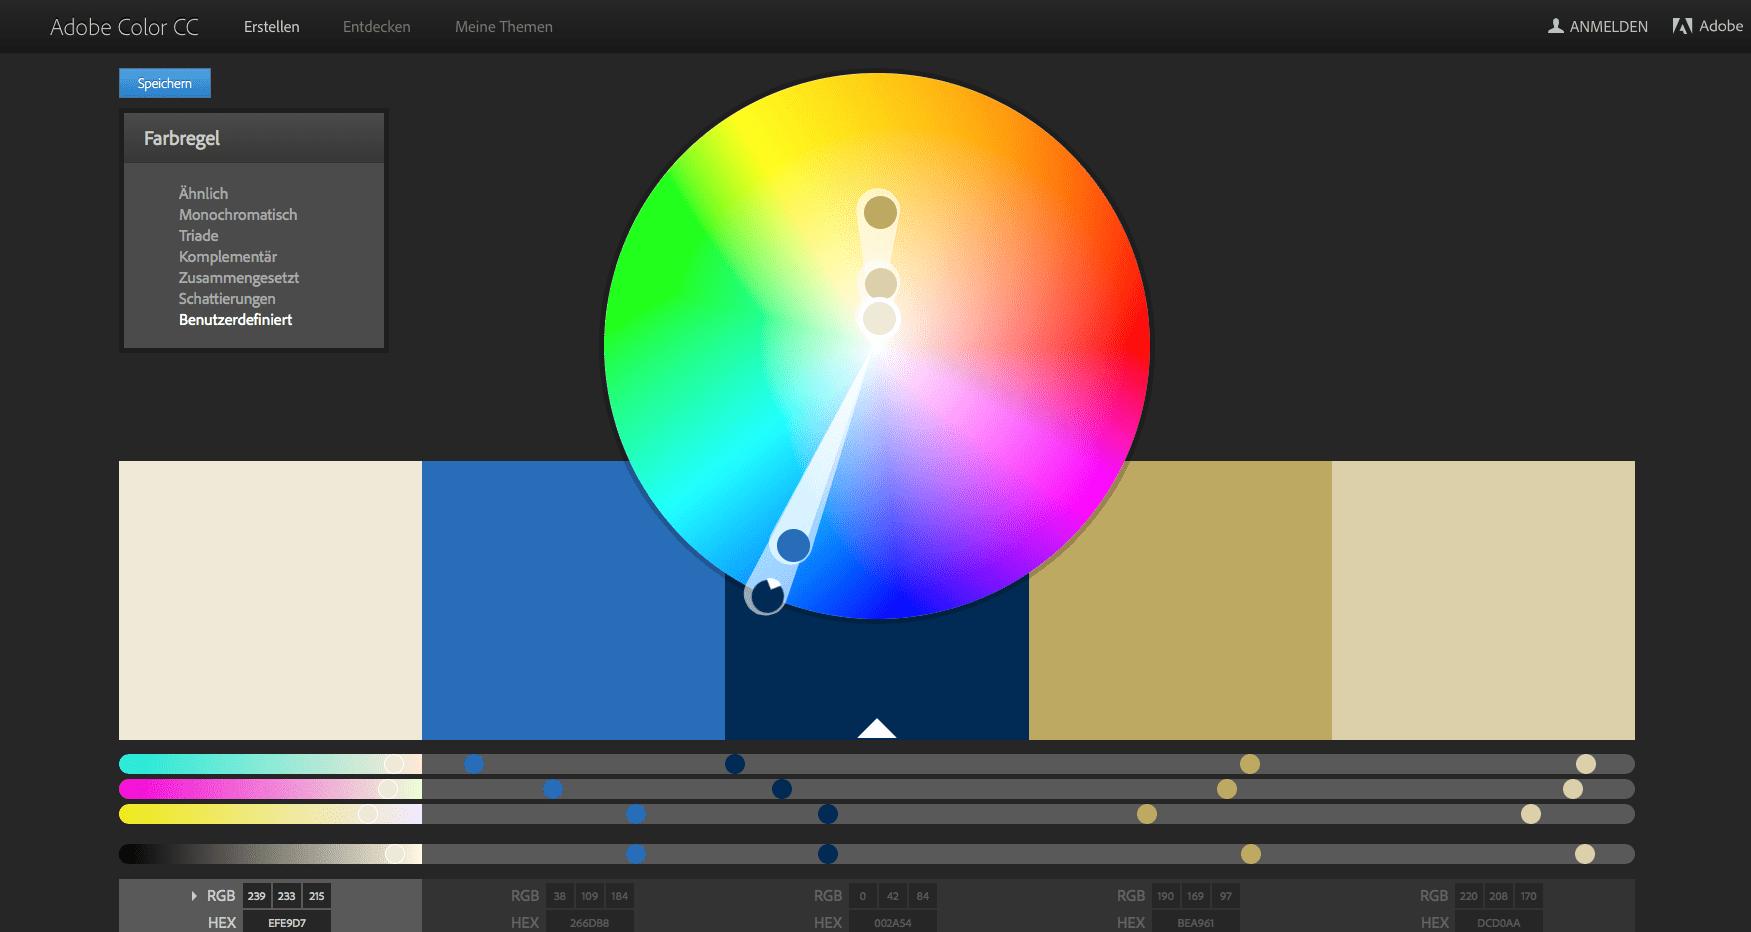 Kennt ihr eigentlich Adobe Color CC?